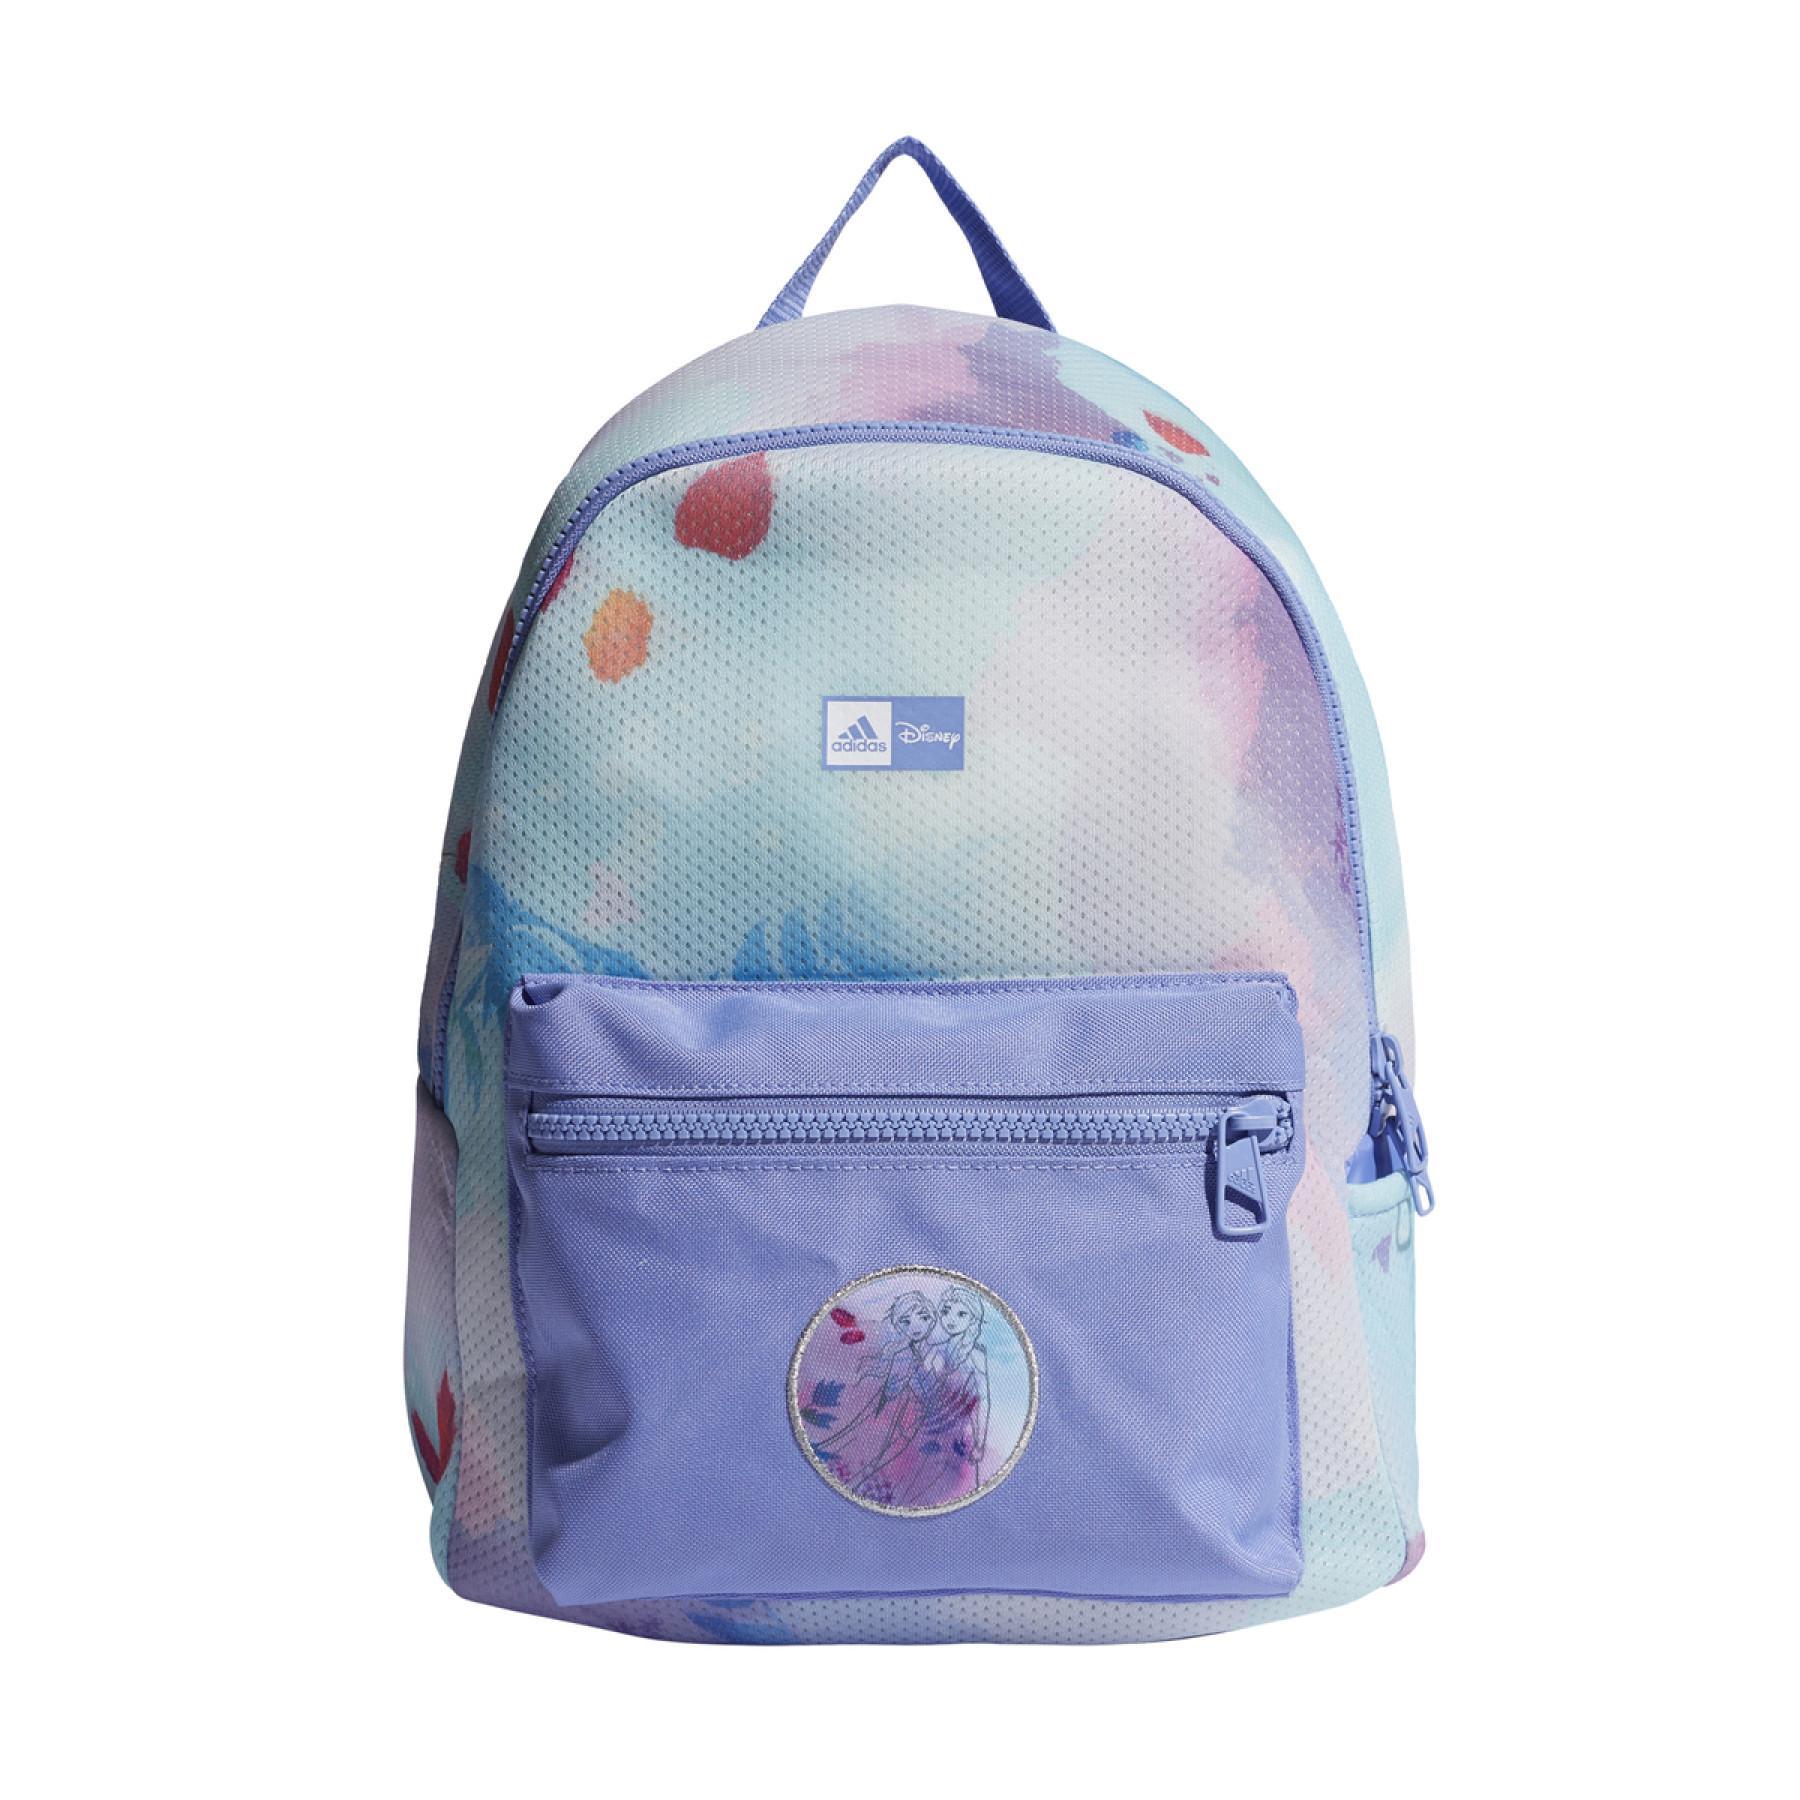 Children's backpack The Snow Queen